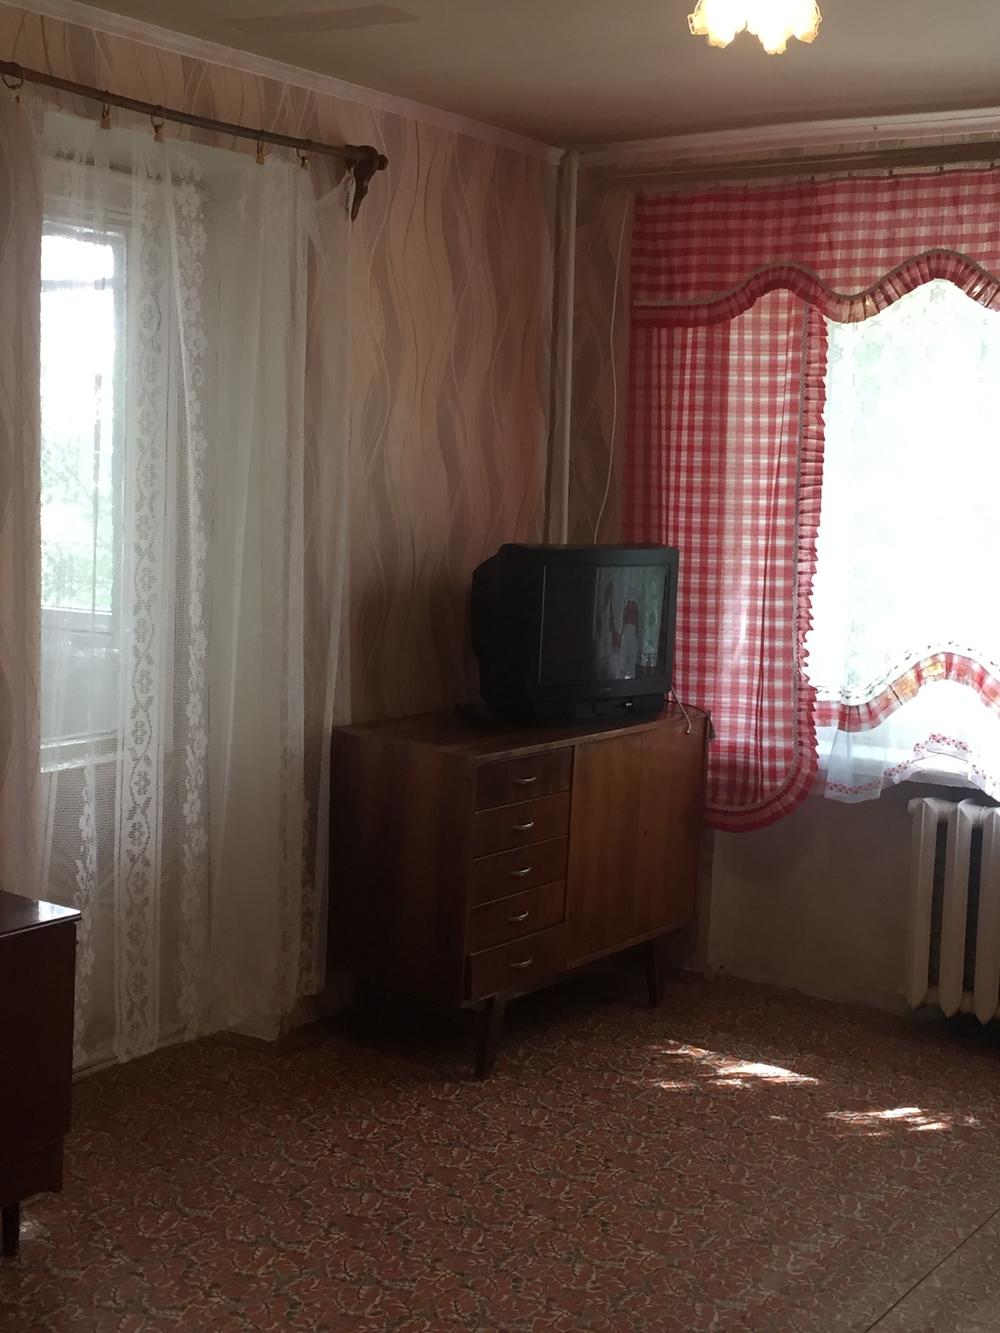 Сдам 2-комнатную квартиру в городе Саратов, на улице Имени Пугачева, 1, 2-этаж 9-этажного Панель дома, площадь: 50/0/0 м2